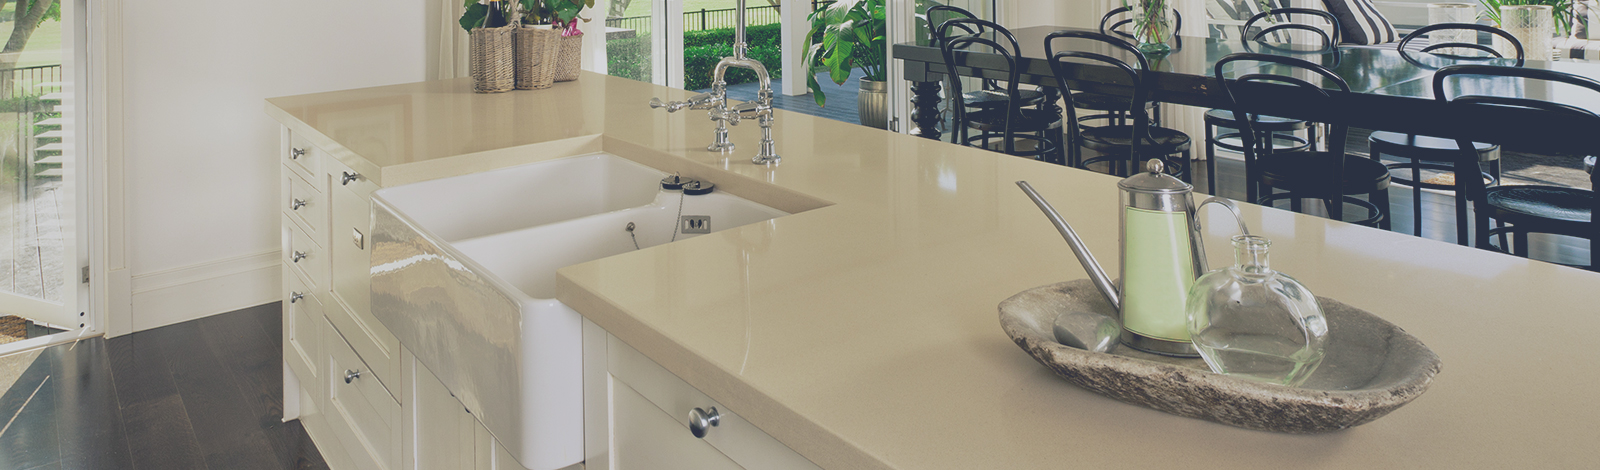 Comptoir de quartz pour cuisine et vanit fabrique plus for Dessus de comptoir salle de bain